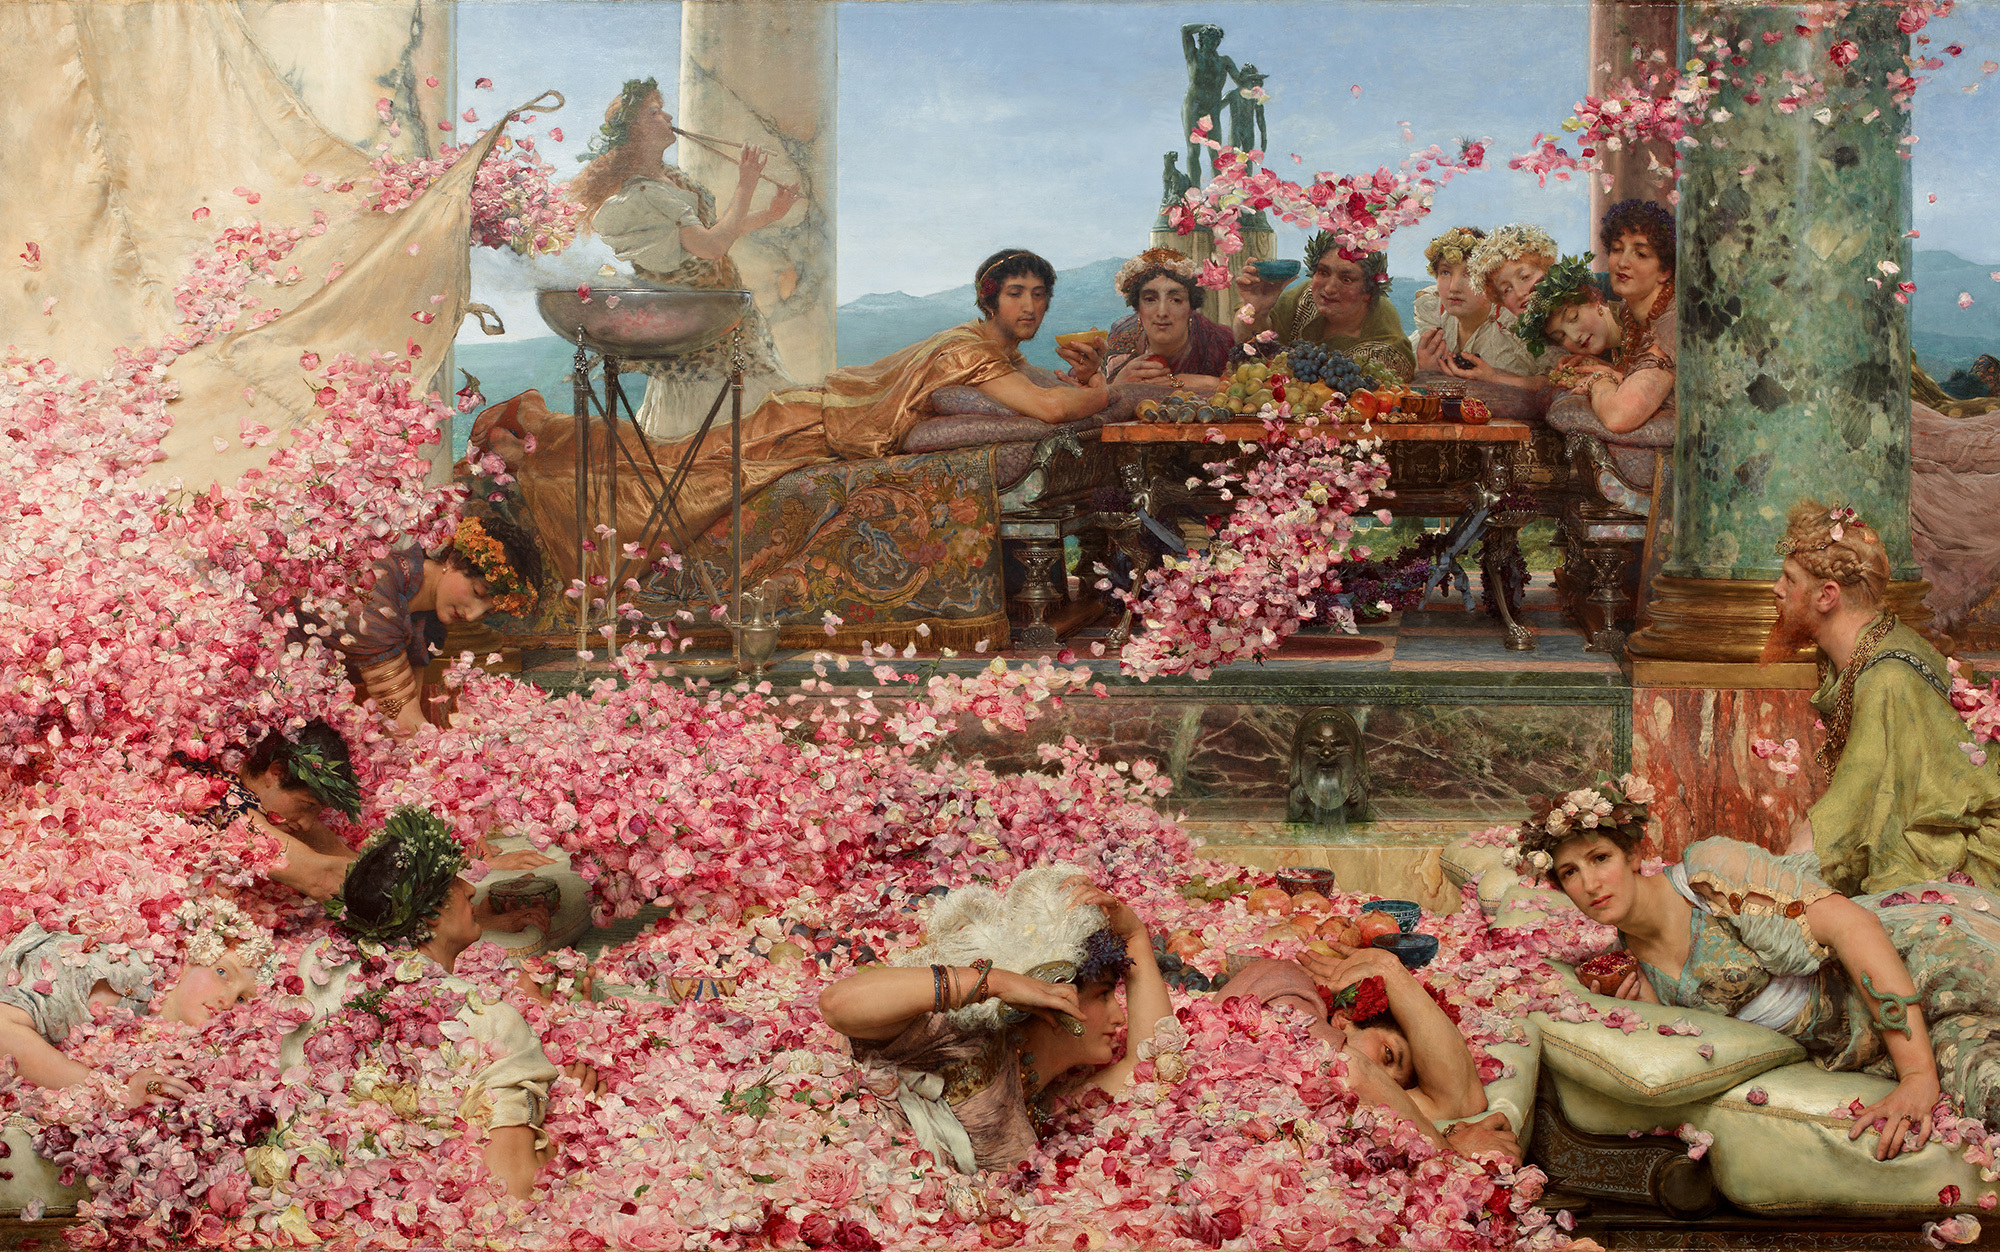 Plato in Sicily   Aeon